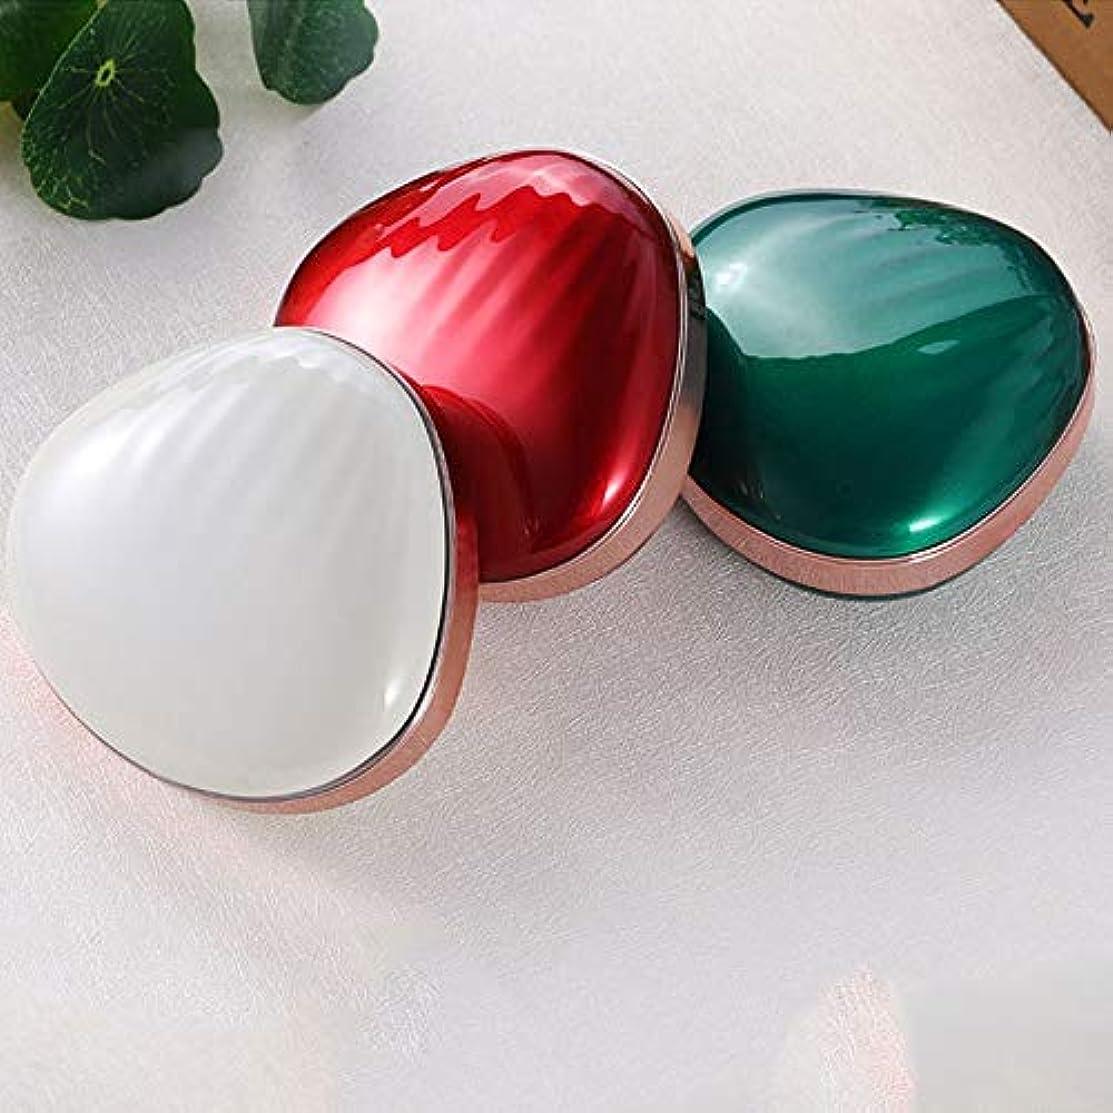 口述するカテゴリー置き場流行の 新しいクリエイティブLEDソフトアイメイクミラー多機能塗りつぶし充電宝メイクアップミラー美容ミラーABSアルミ3レッドブルーホワイト (色 : Green)